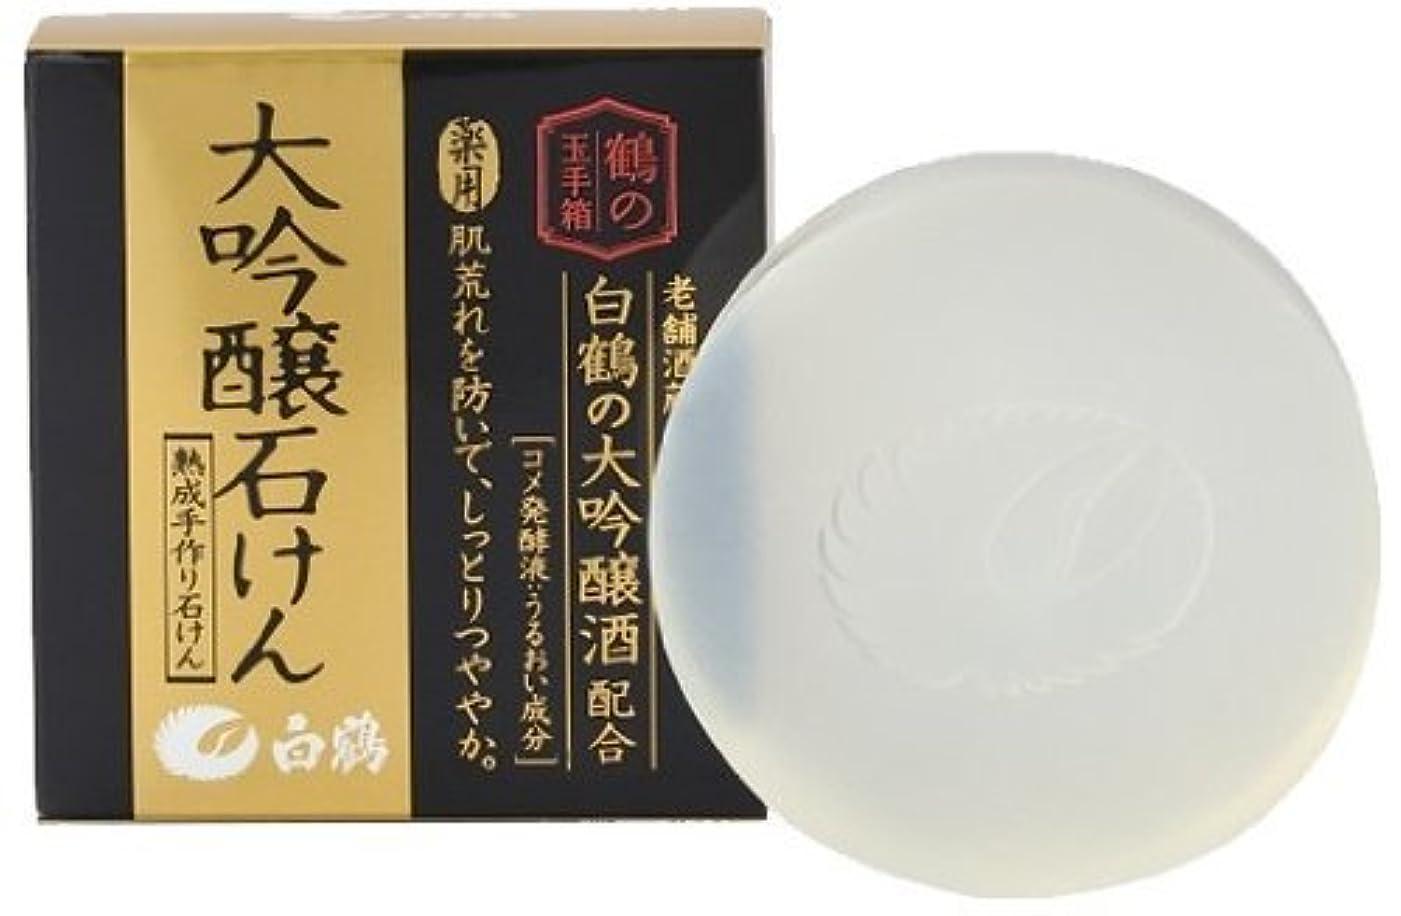 許容できるバリケード区別する白鶴 鶴の玉手箱 大吟醸石けん 100g × 5個 (薬用)(医薬部外品)